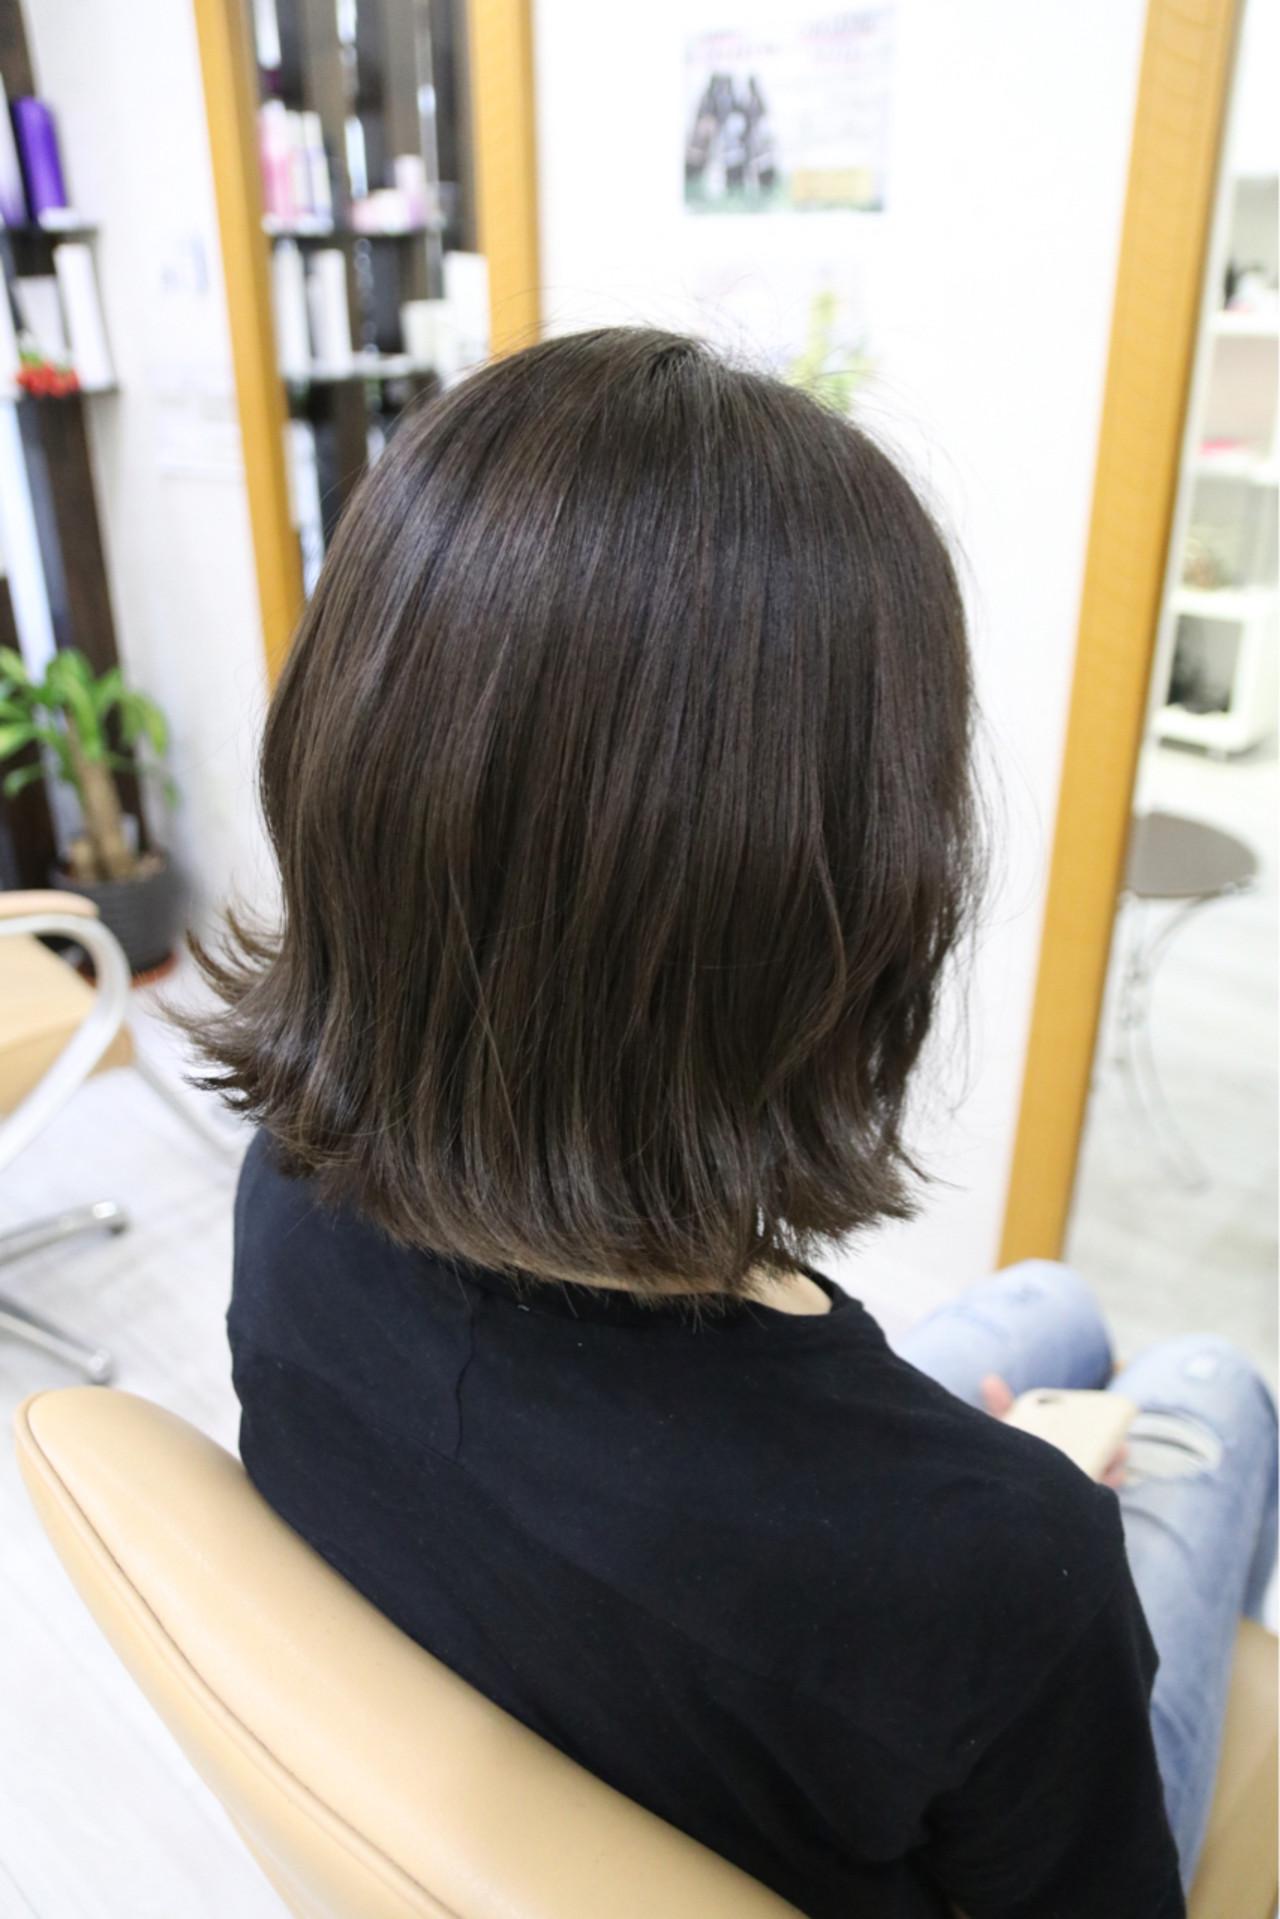 アッシュ 外国人風カラー ボブ ナチュラル ヘアスタイルや髪型の写真・画像 | 植松 裕也 / Hair design Laule'a une ラウレア